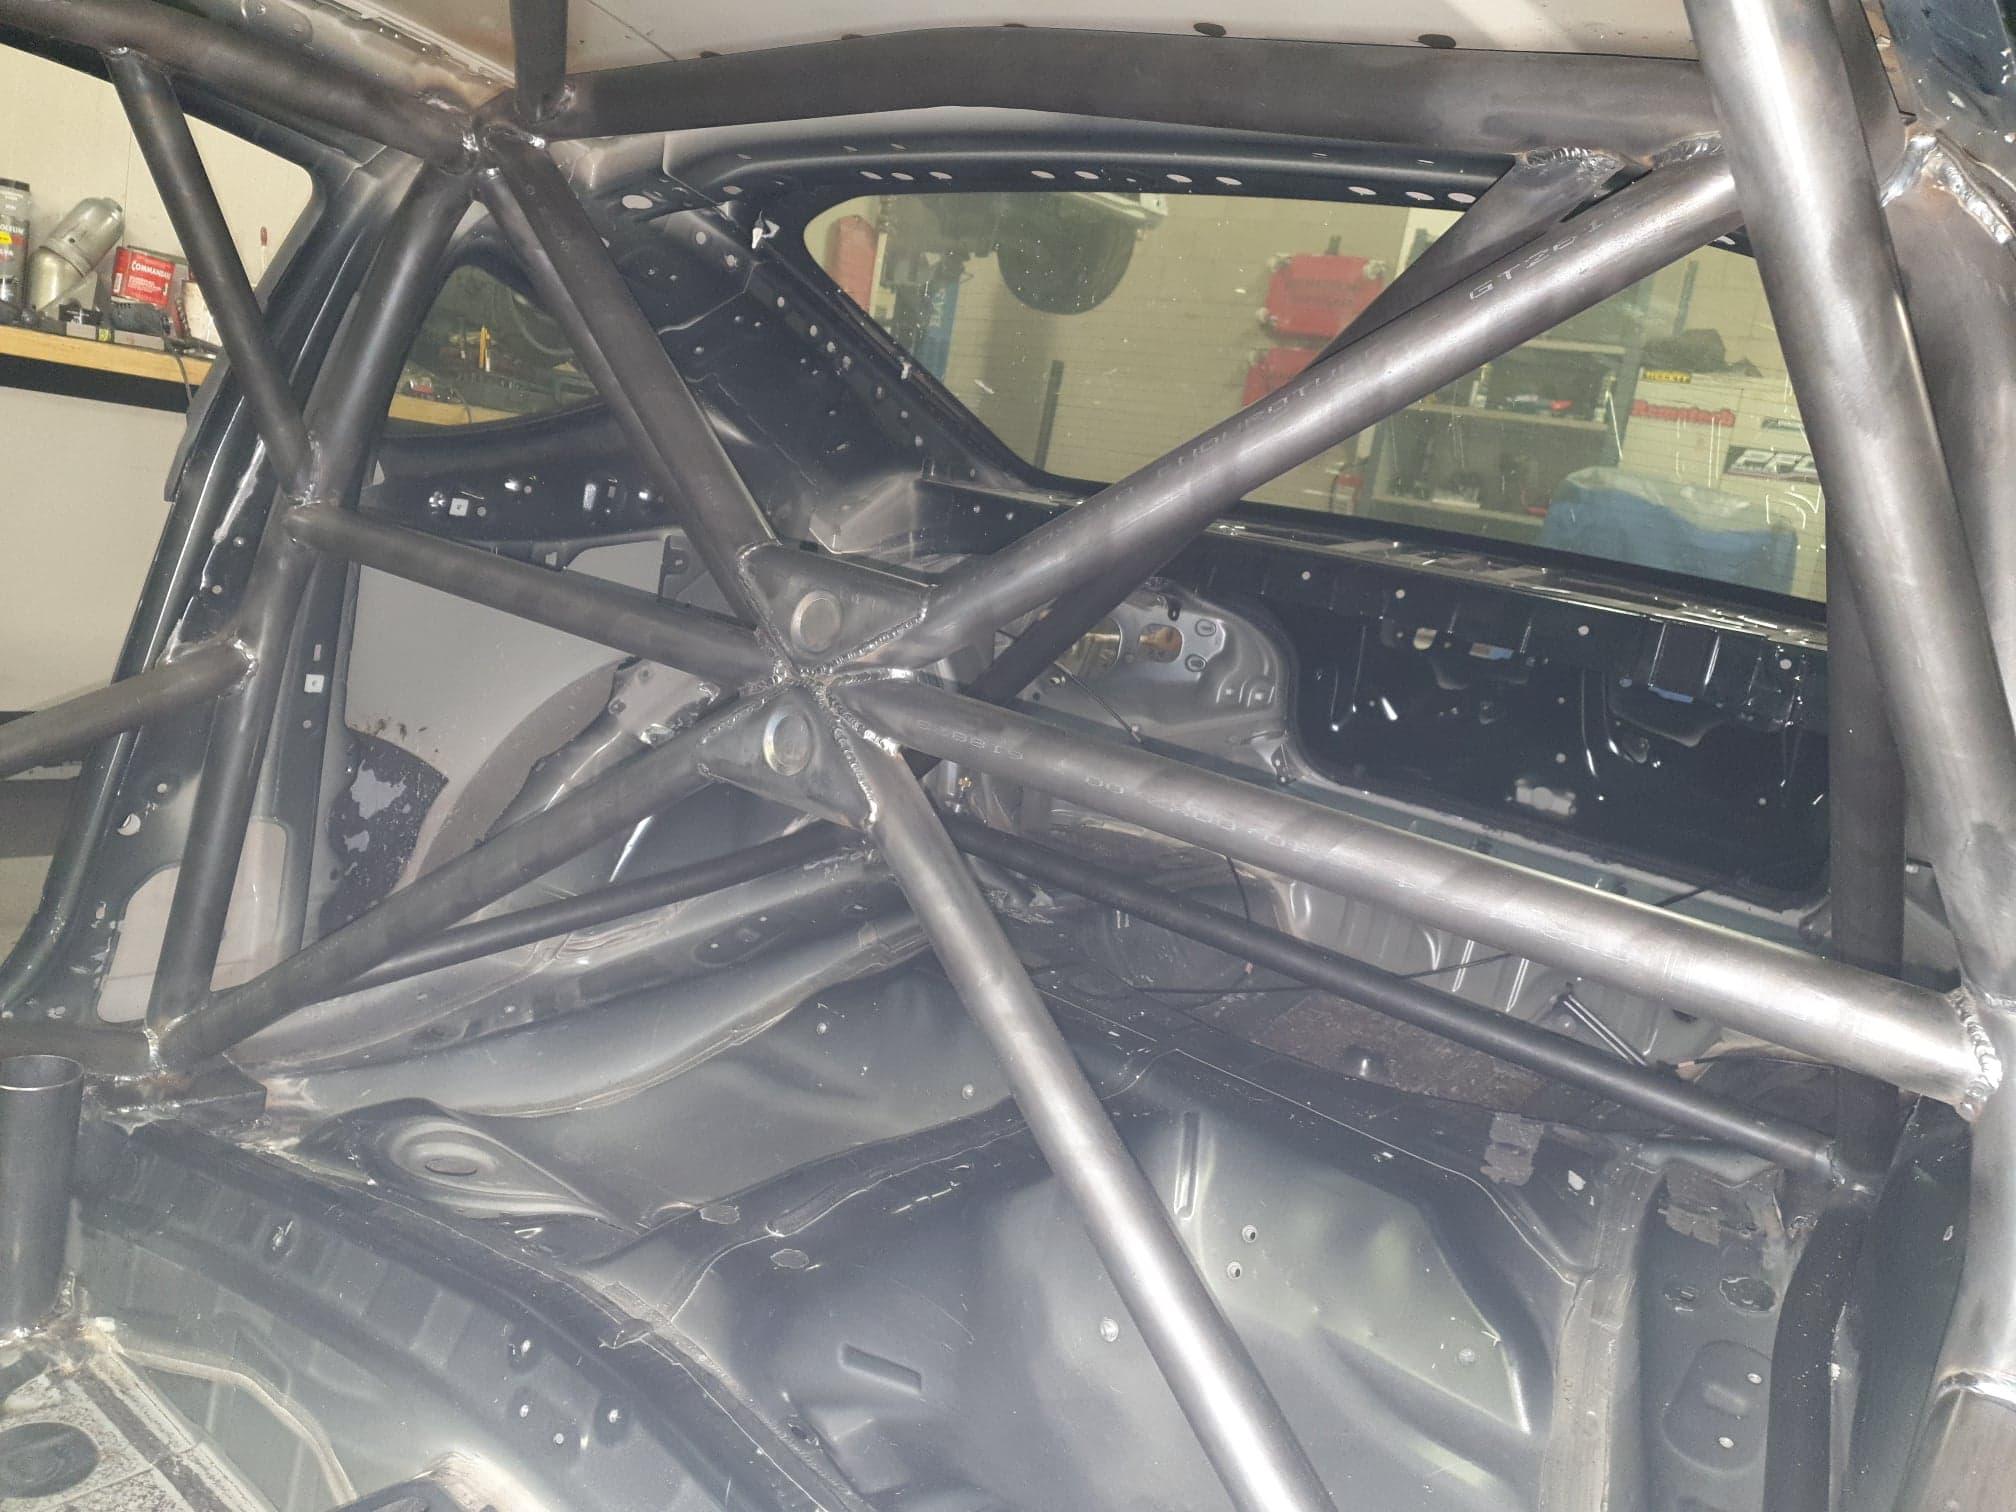 Toyota GT86 Van Rolkooi Voorzien, Knaf Gecertificeerd, Voor Racegebruik.